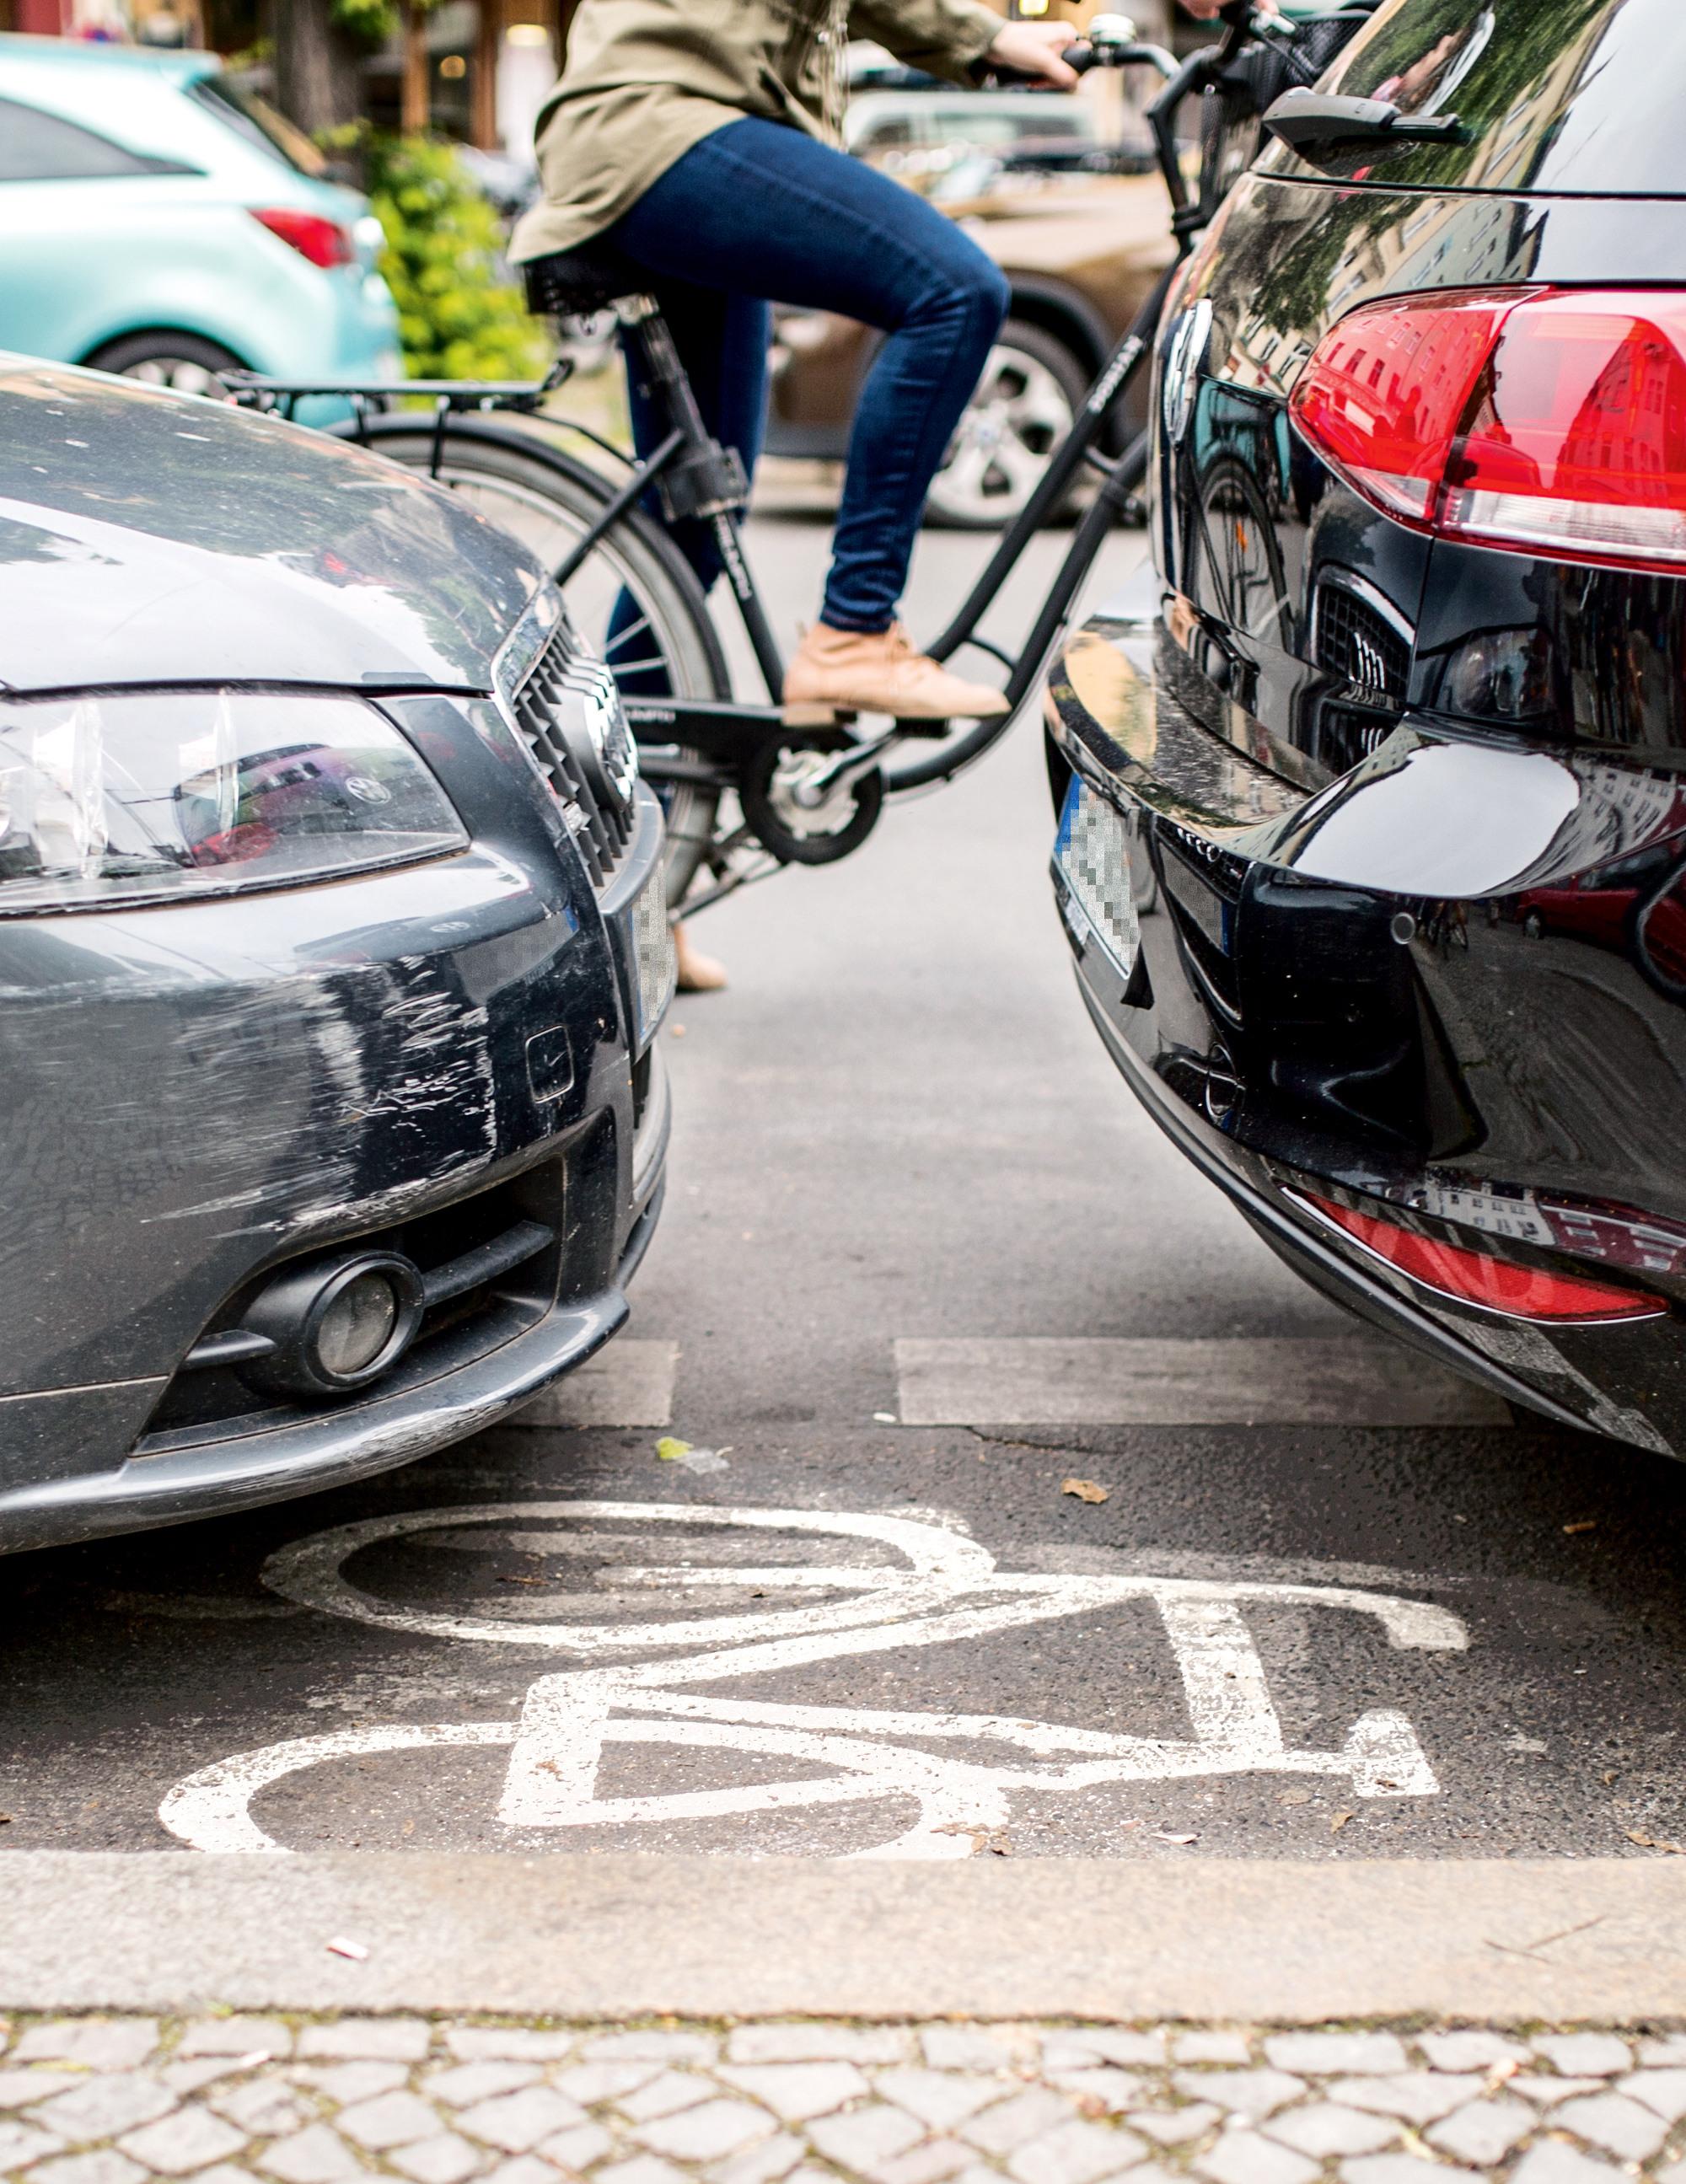 <p>KEIN PLATZ MEHR Heute werden die Räume von immer größeren Wagen zugestellt, manchmal sogar die Radwege</p>